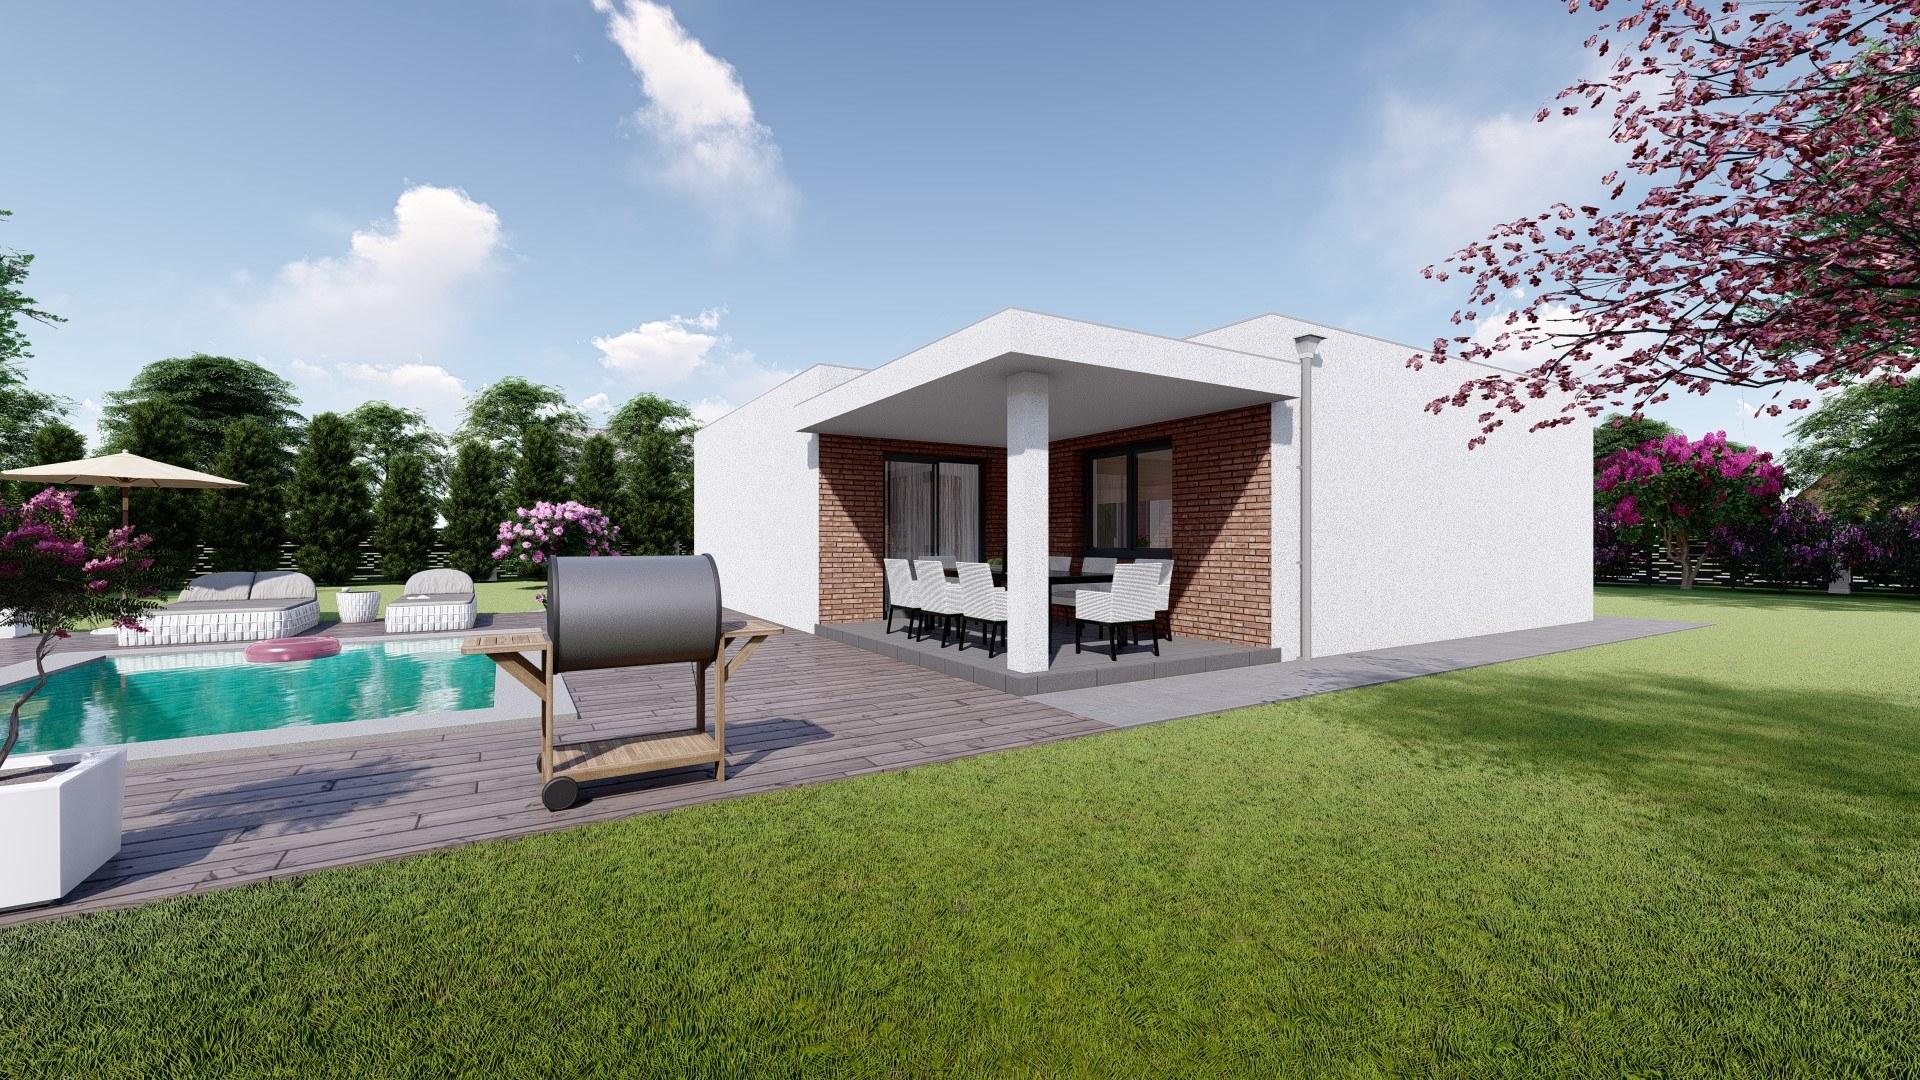 Projekt domu SIMI 1 vizualizácia zadnej bočnej strany 2